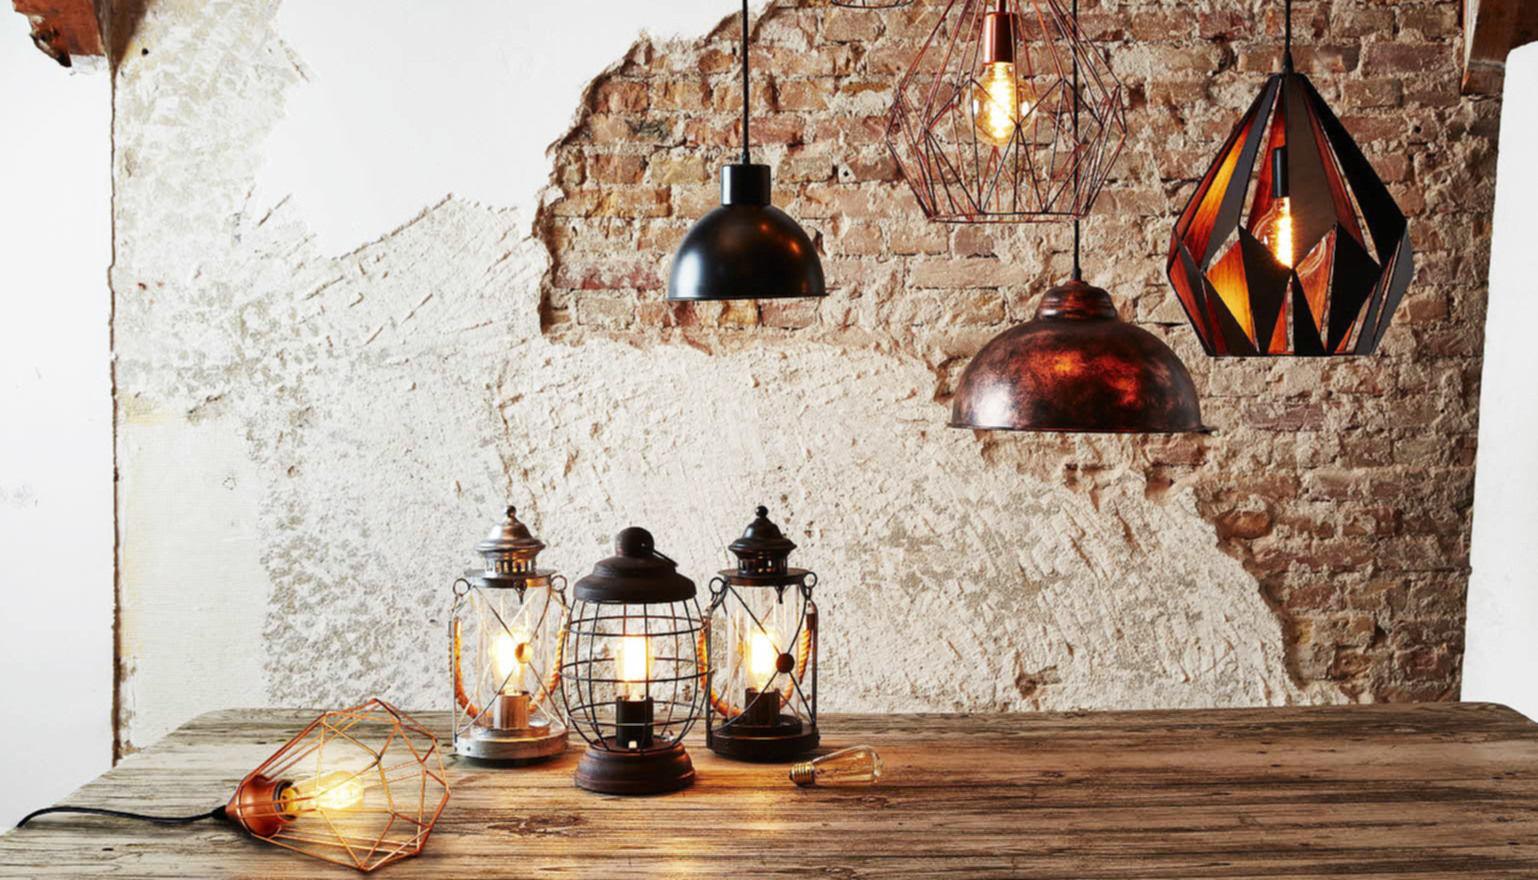 Slaapkamer Lamp Roze : Lampen kopen verlichting assortiment online praxis